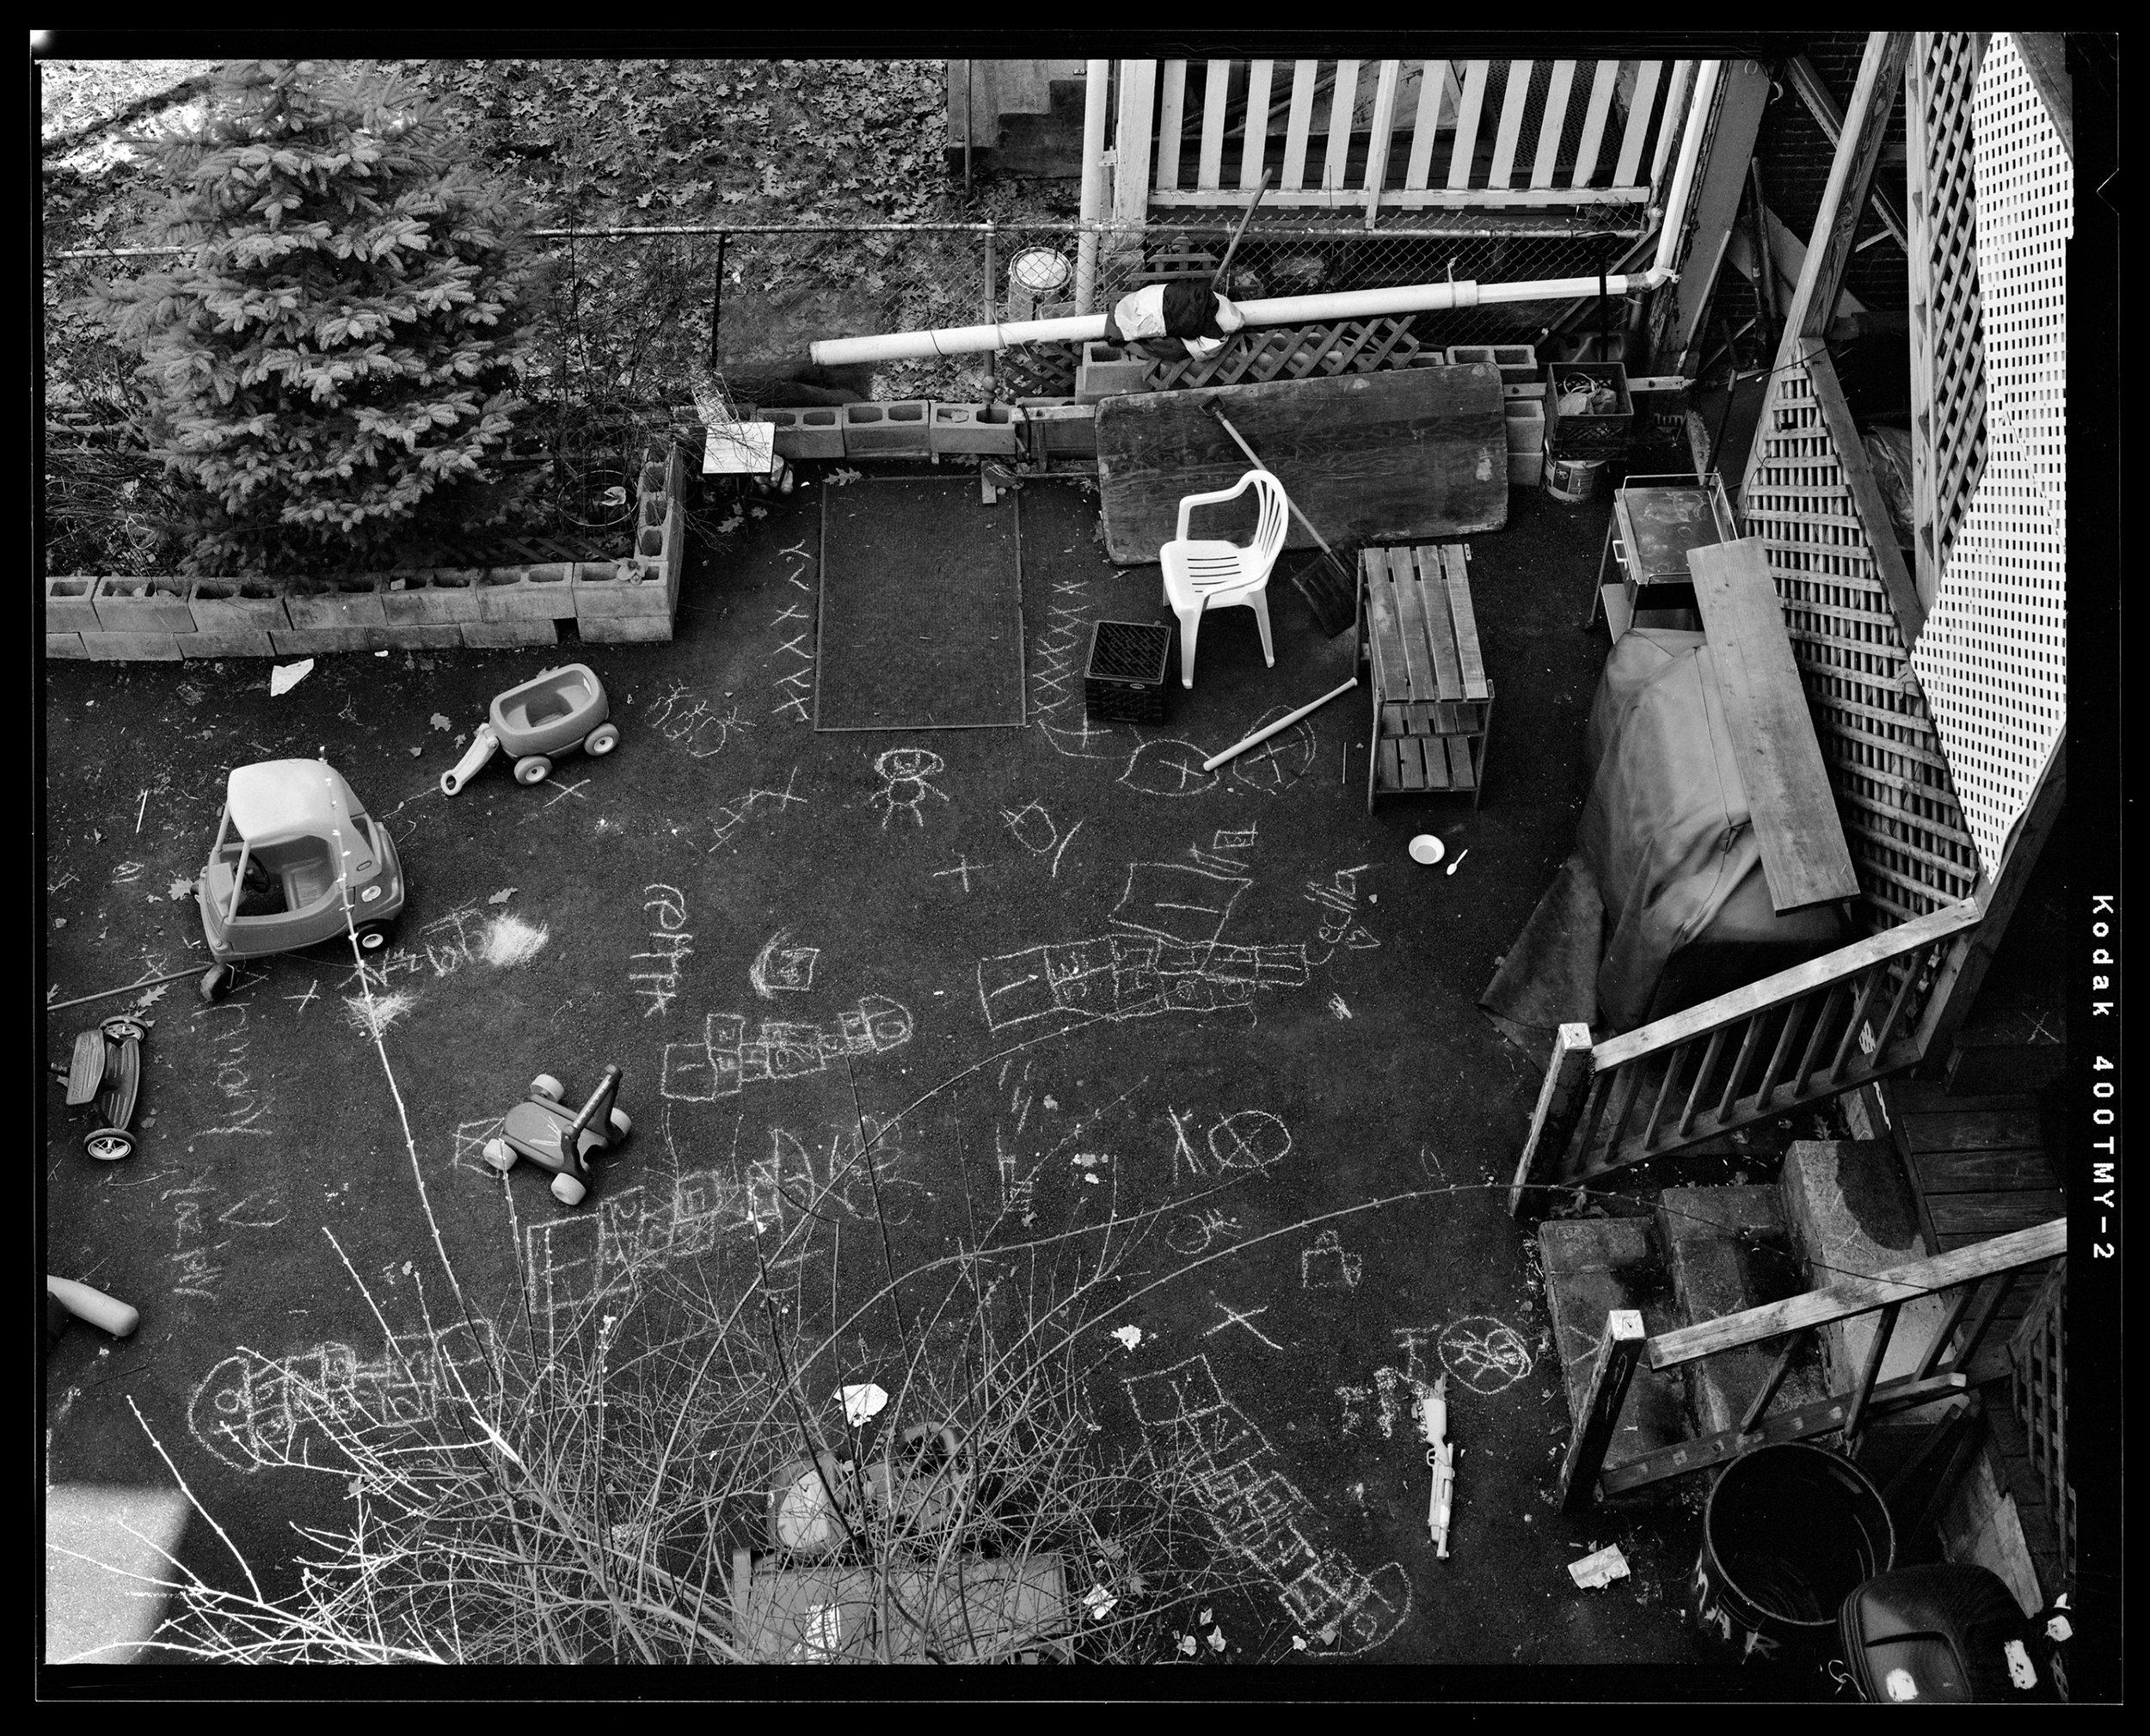 Backyard Toy Study